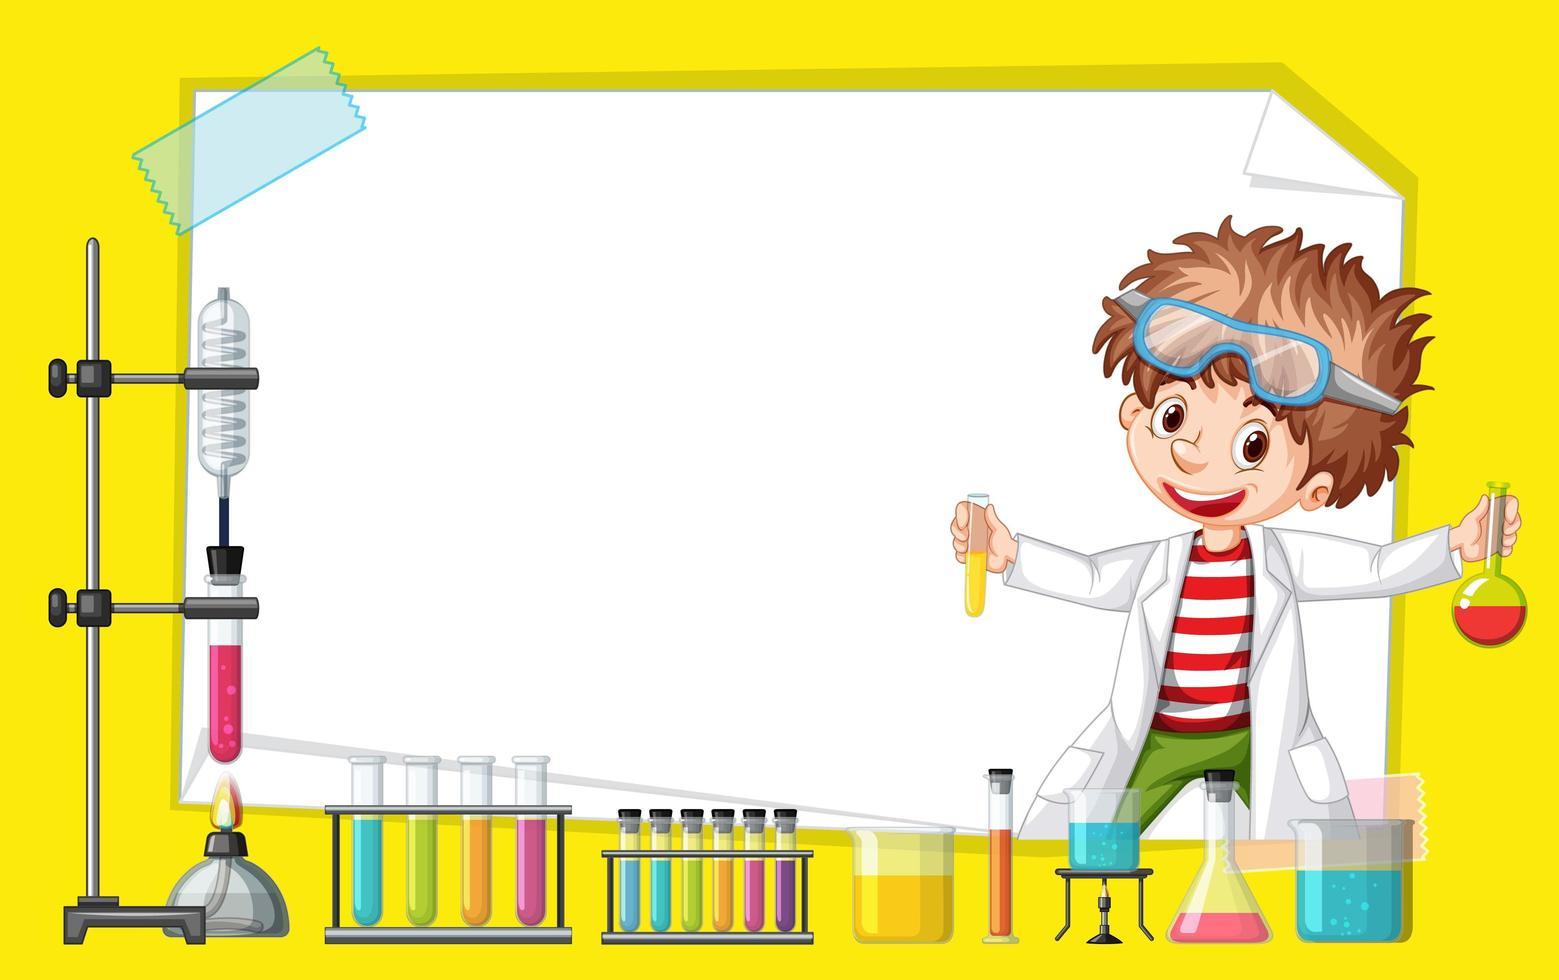 diseño de plantilla de marco con niño en laboratorio de ciencias vector